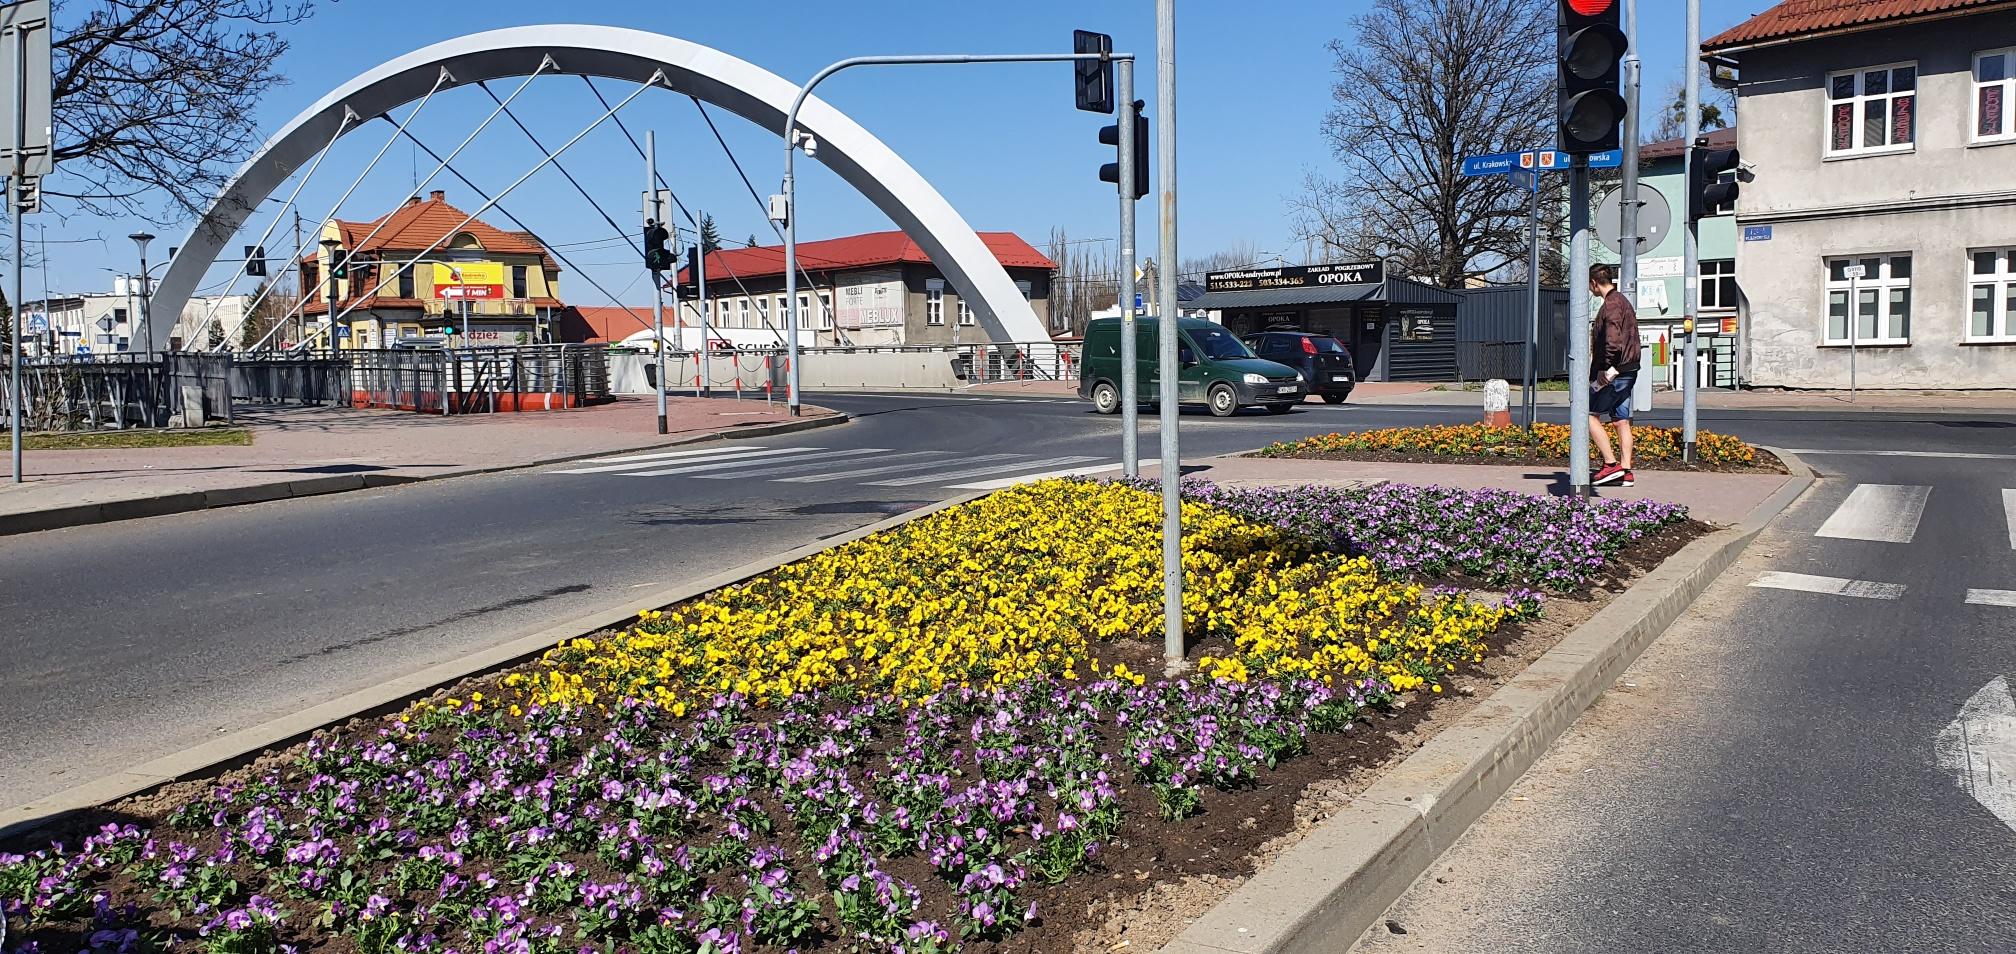 Burmistrz kupuje kwiaty na wiosnę. Ukwiecenie zamiast maseczek?